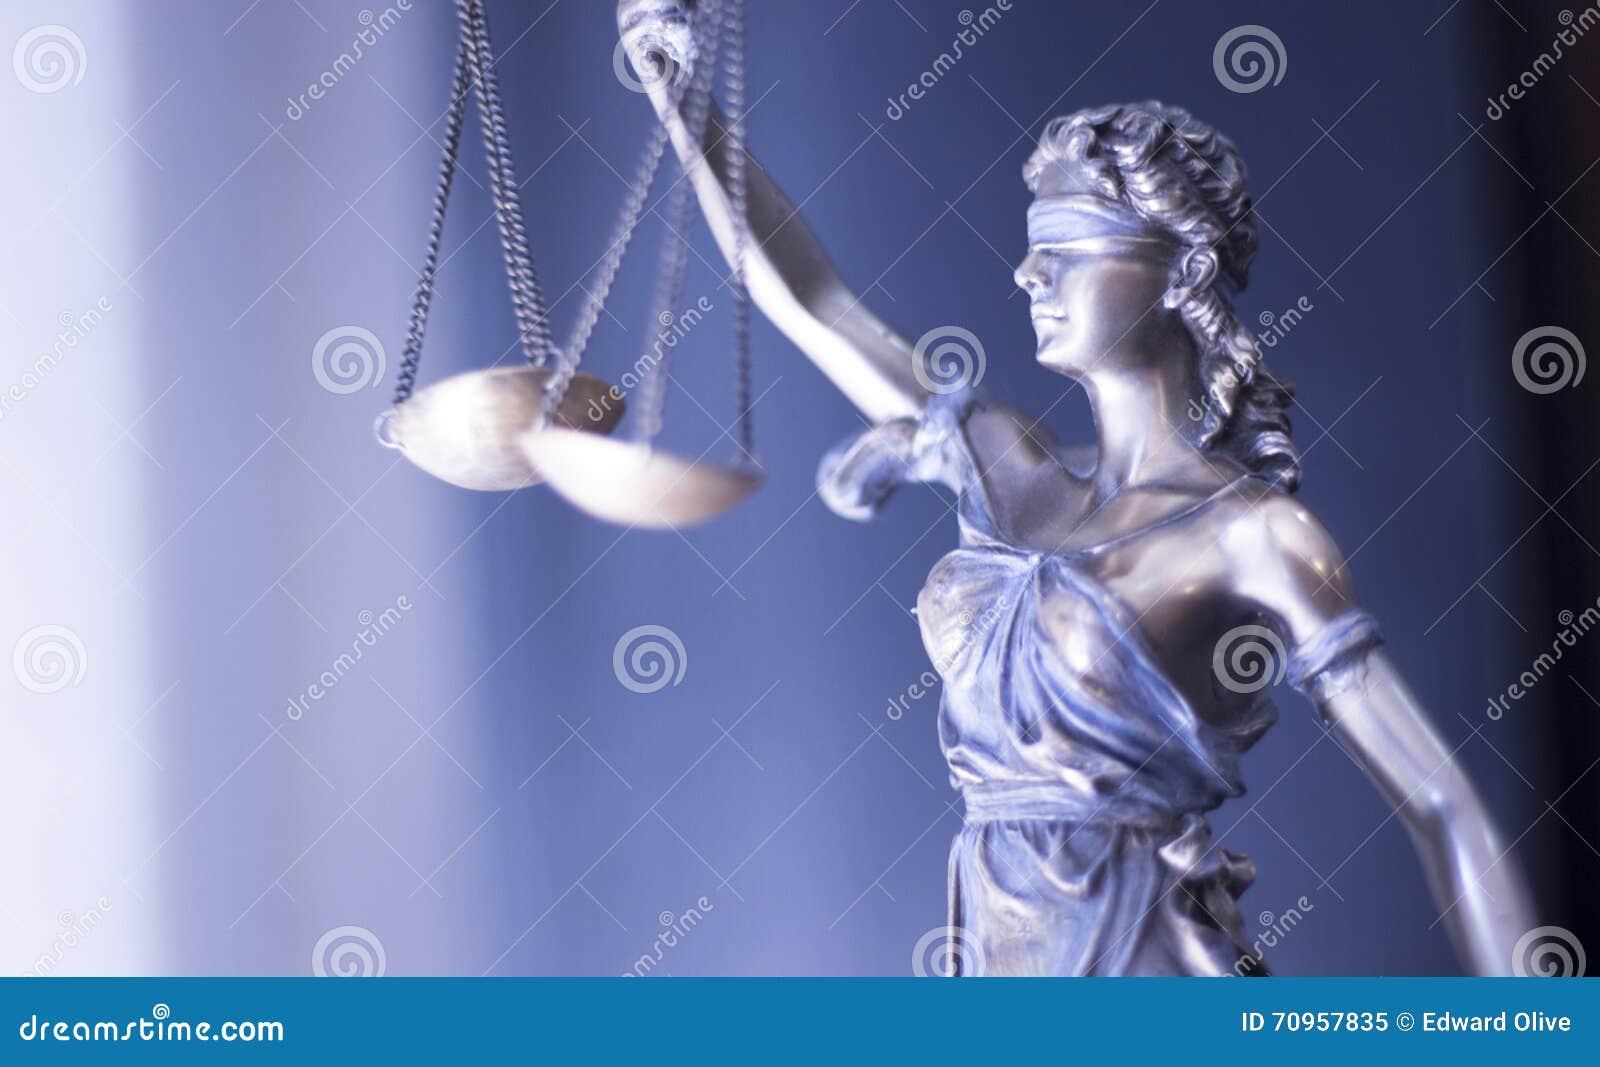 Estátua legal de justiça no escritório da empresa de advocacia